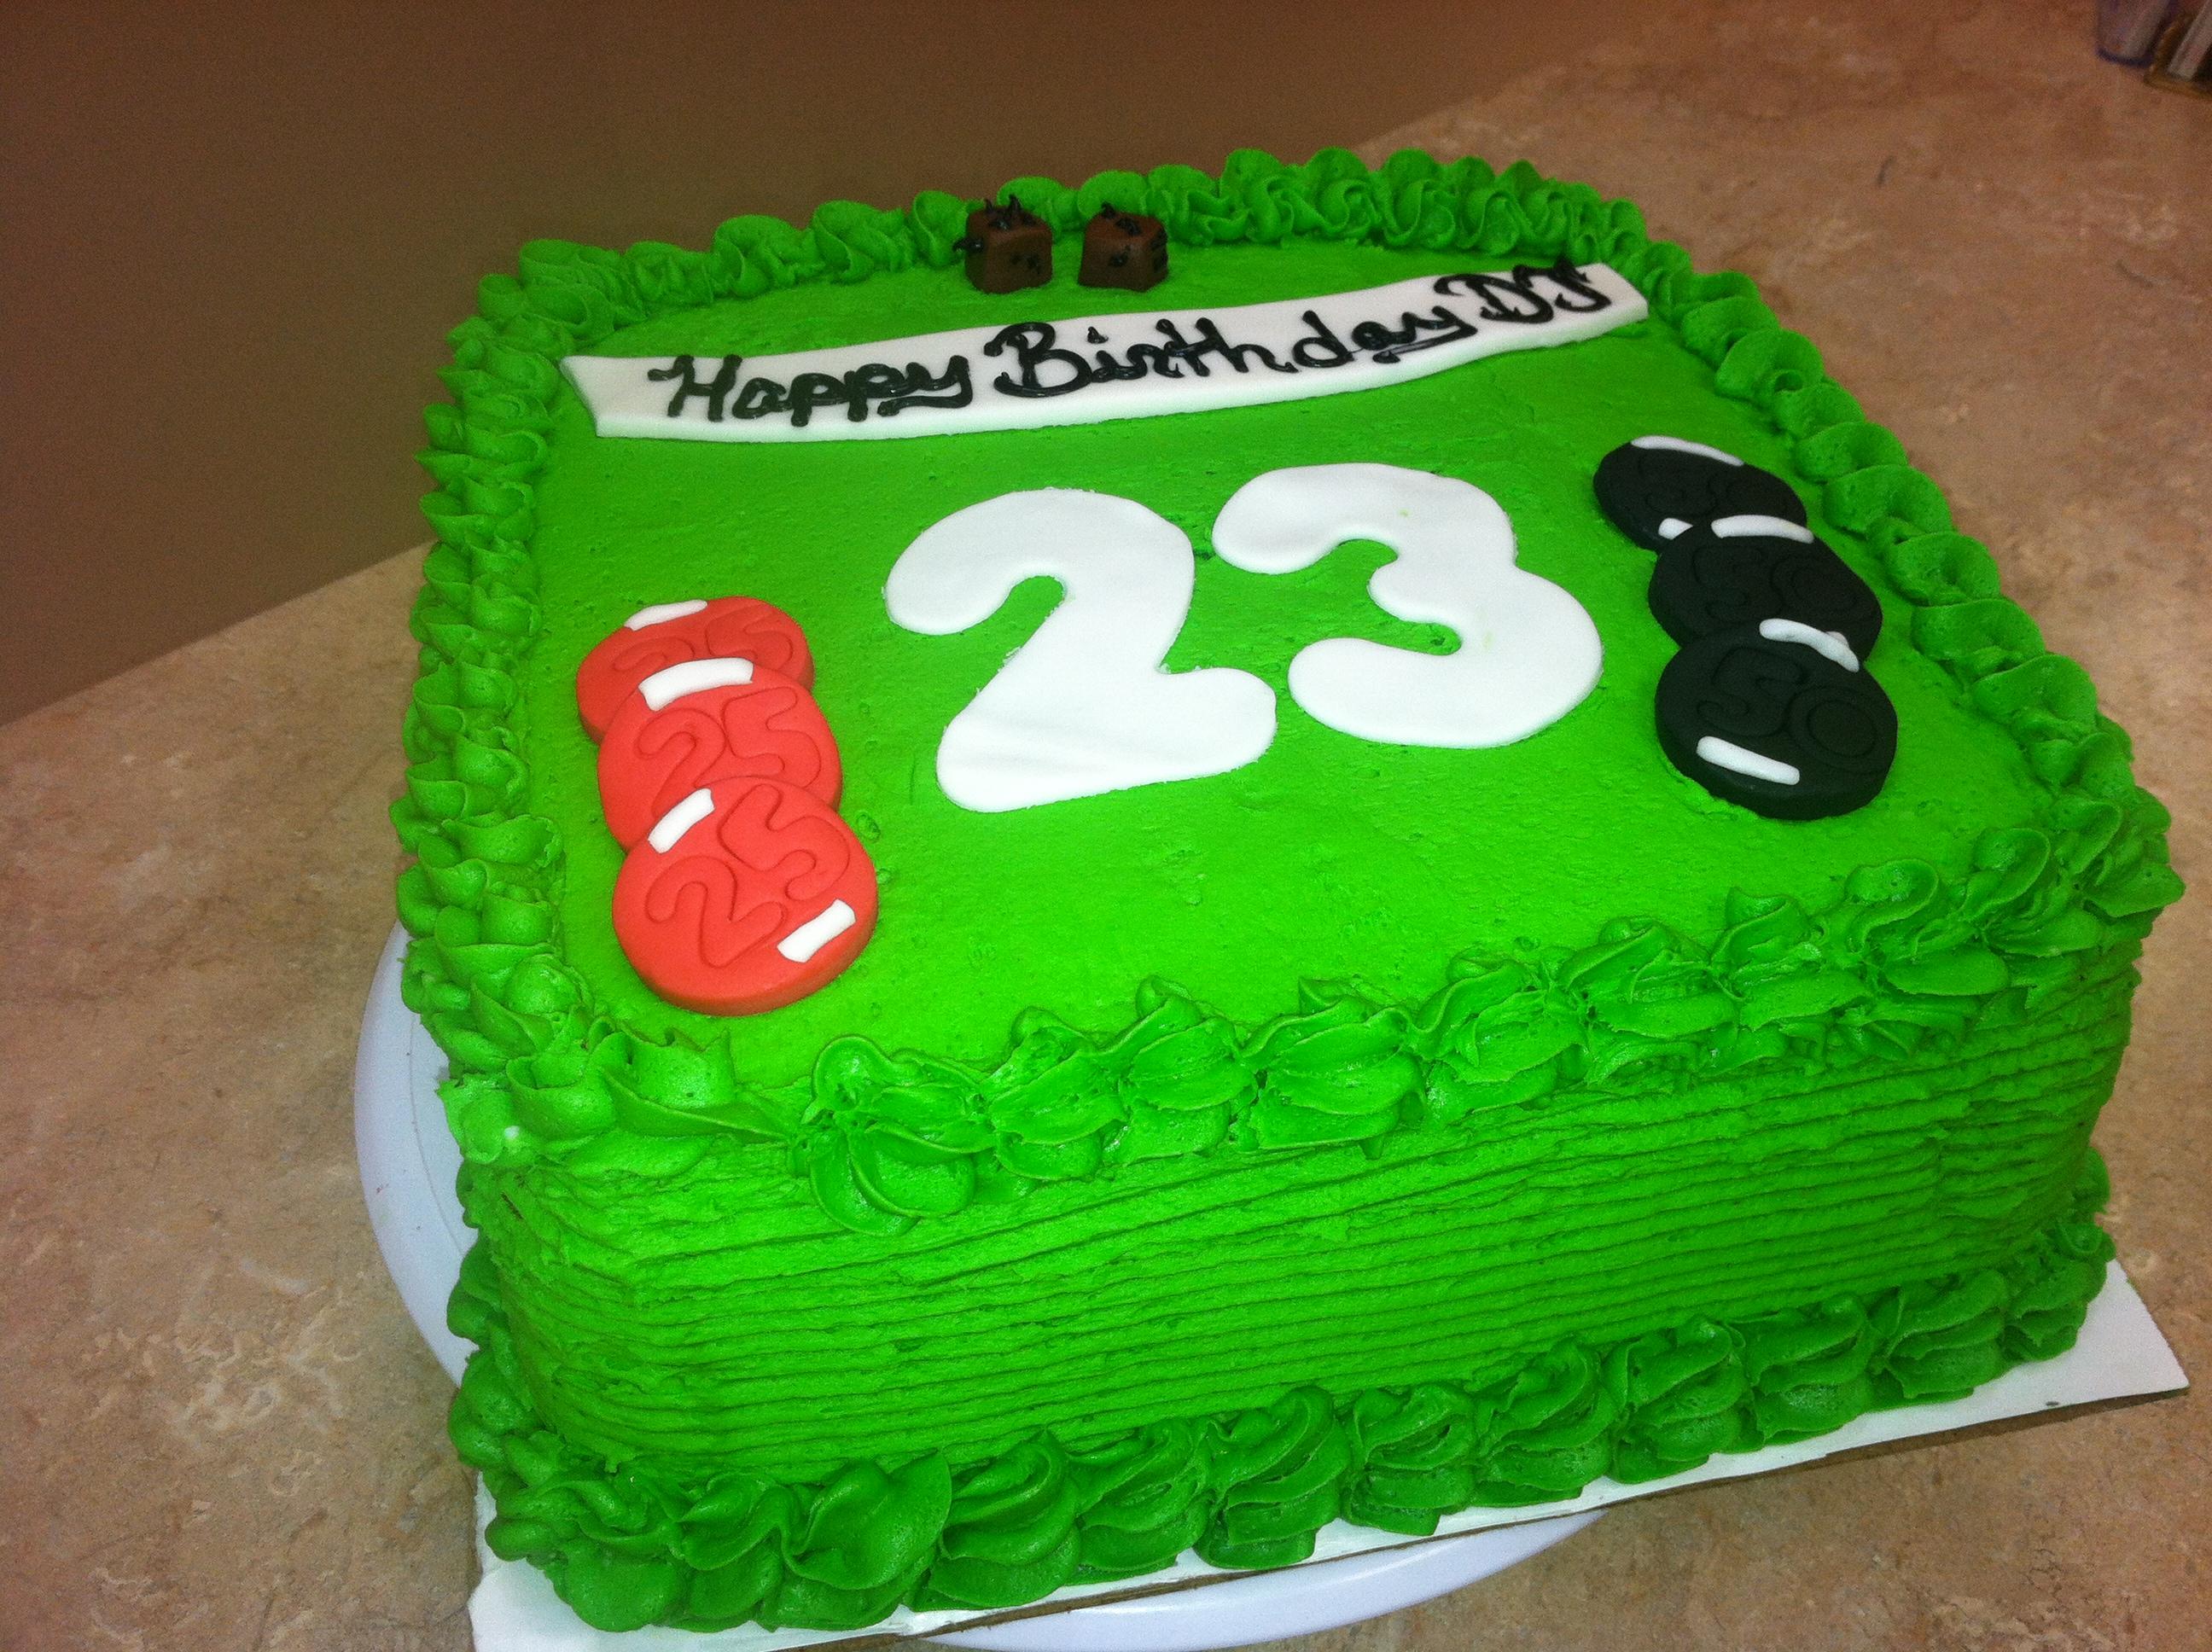 Big 23 Cake